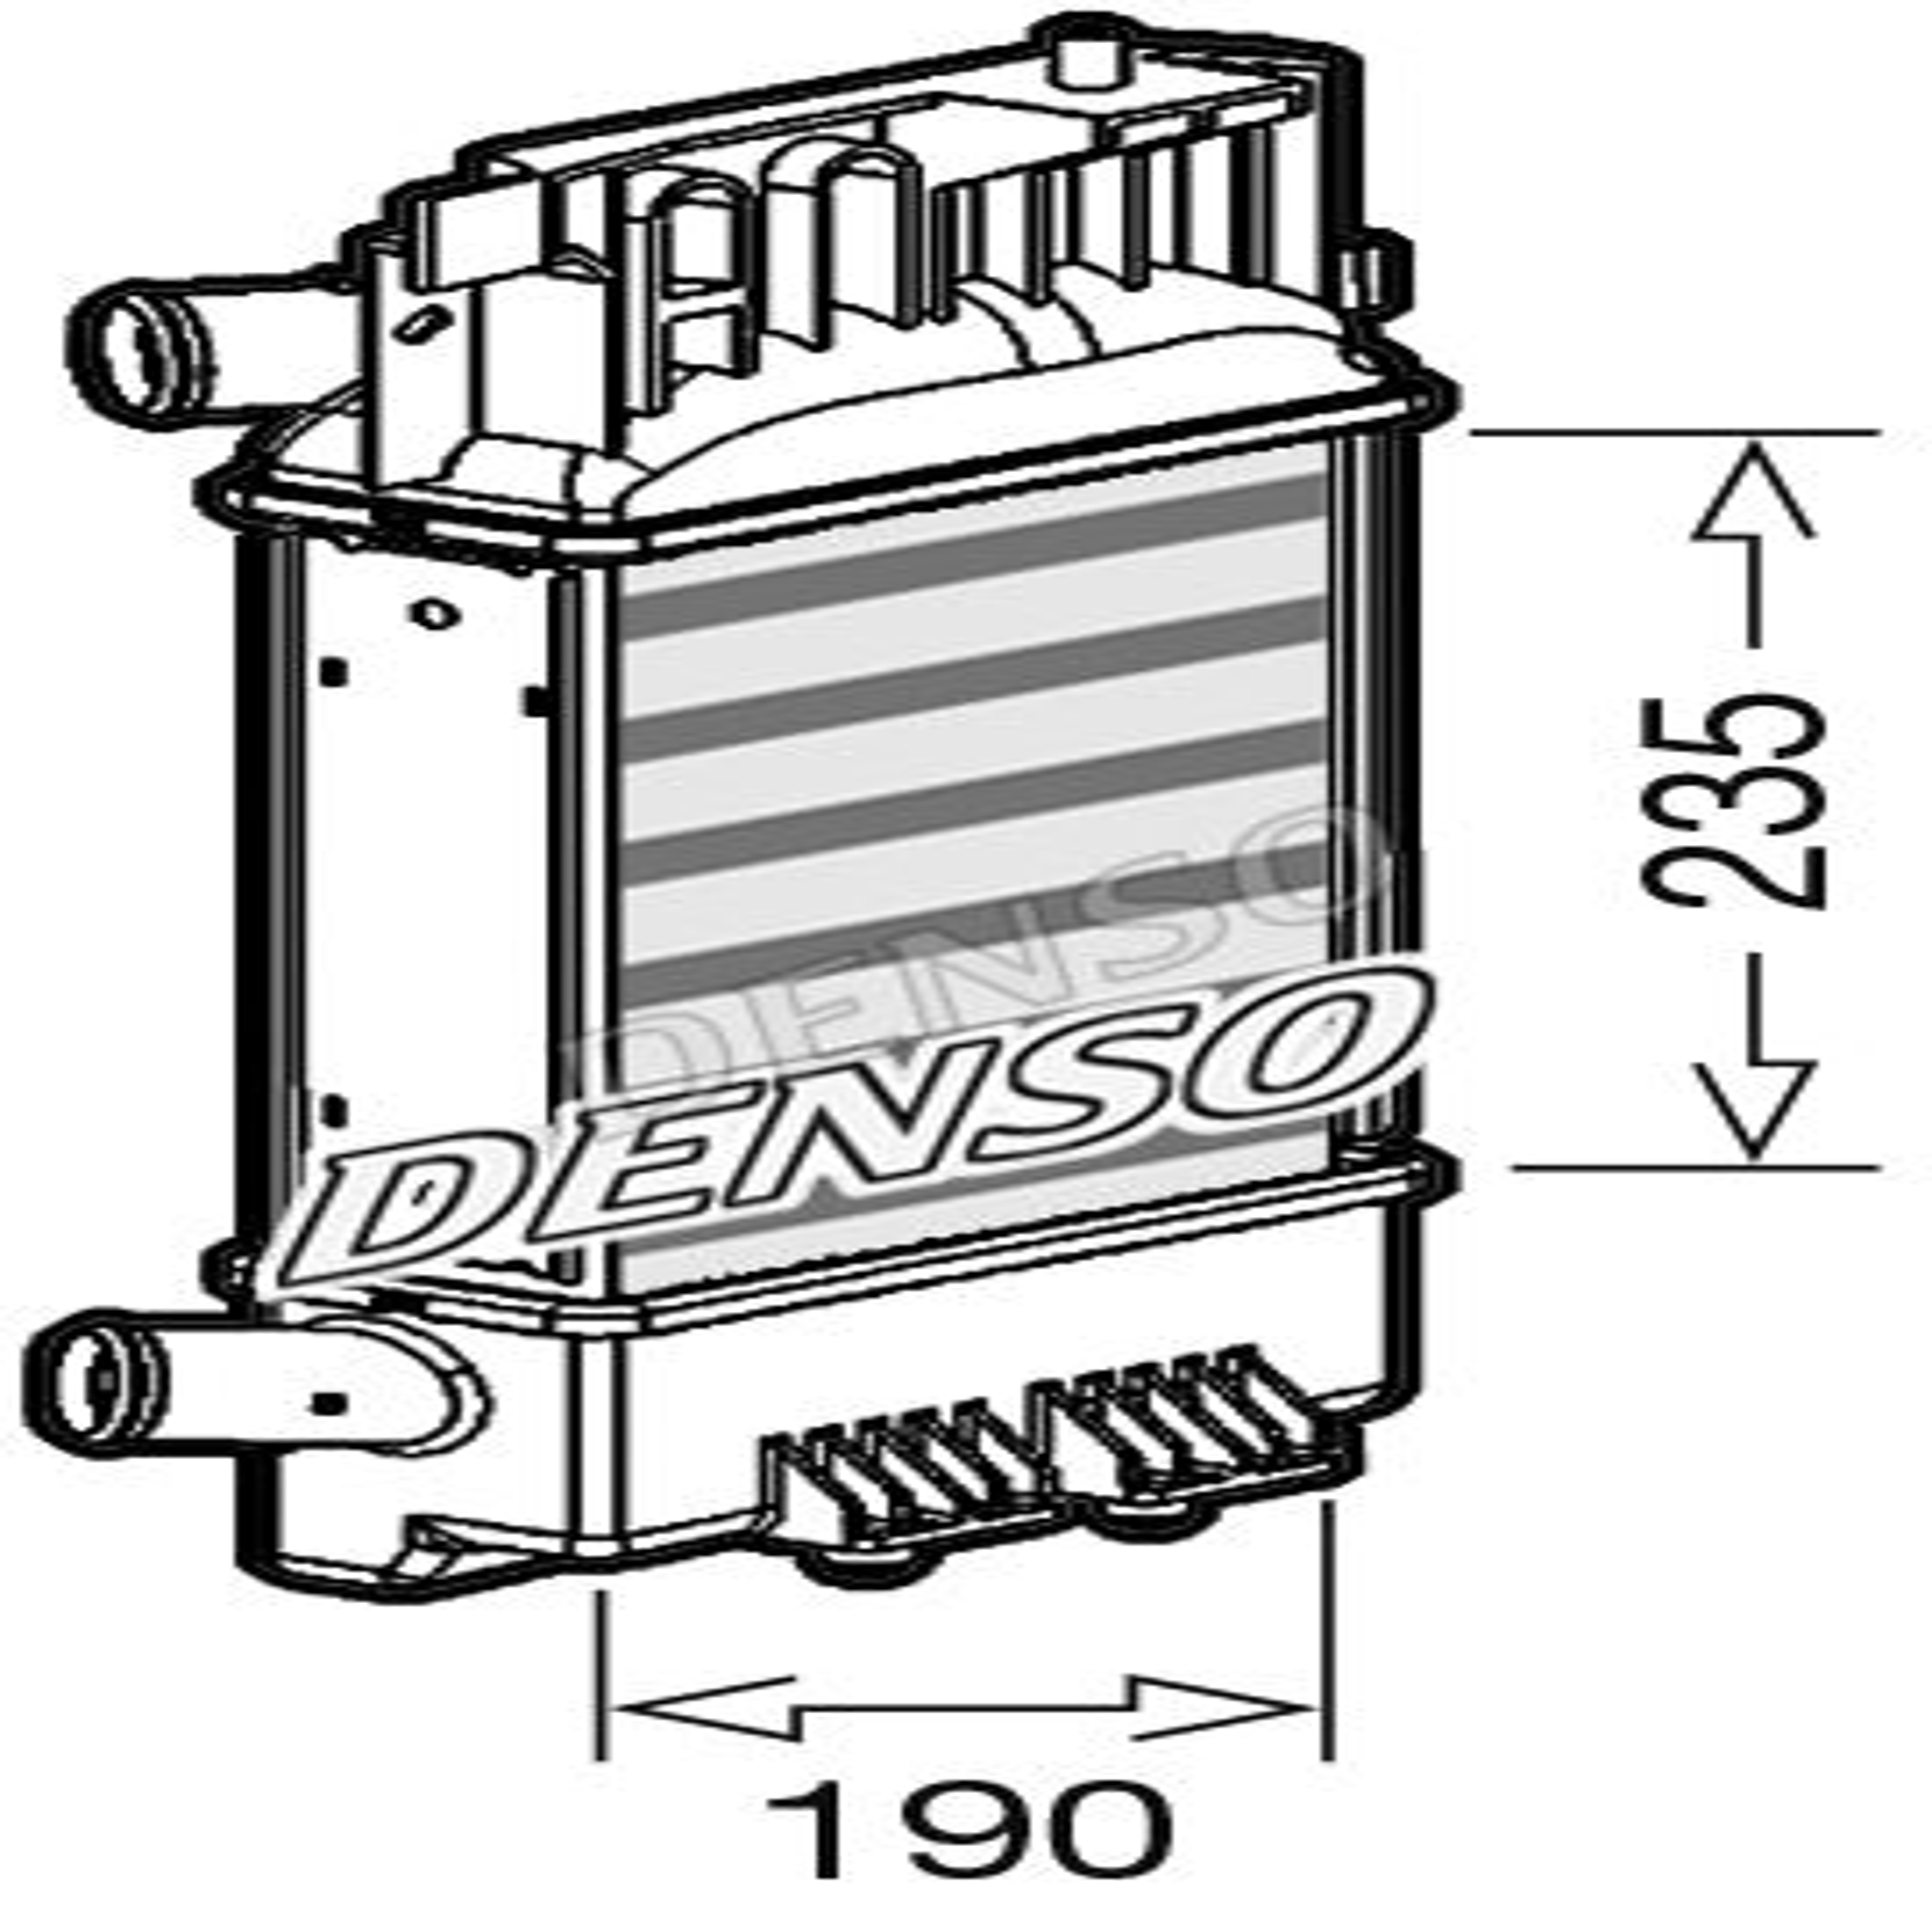 Elektrisk utrustning DOX-0262 som är helt DENSO otroligt kostnadseffektivt